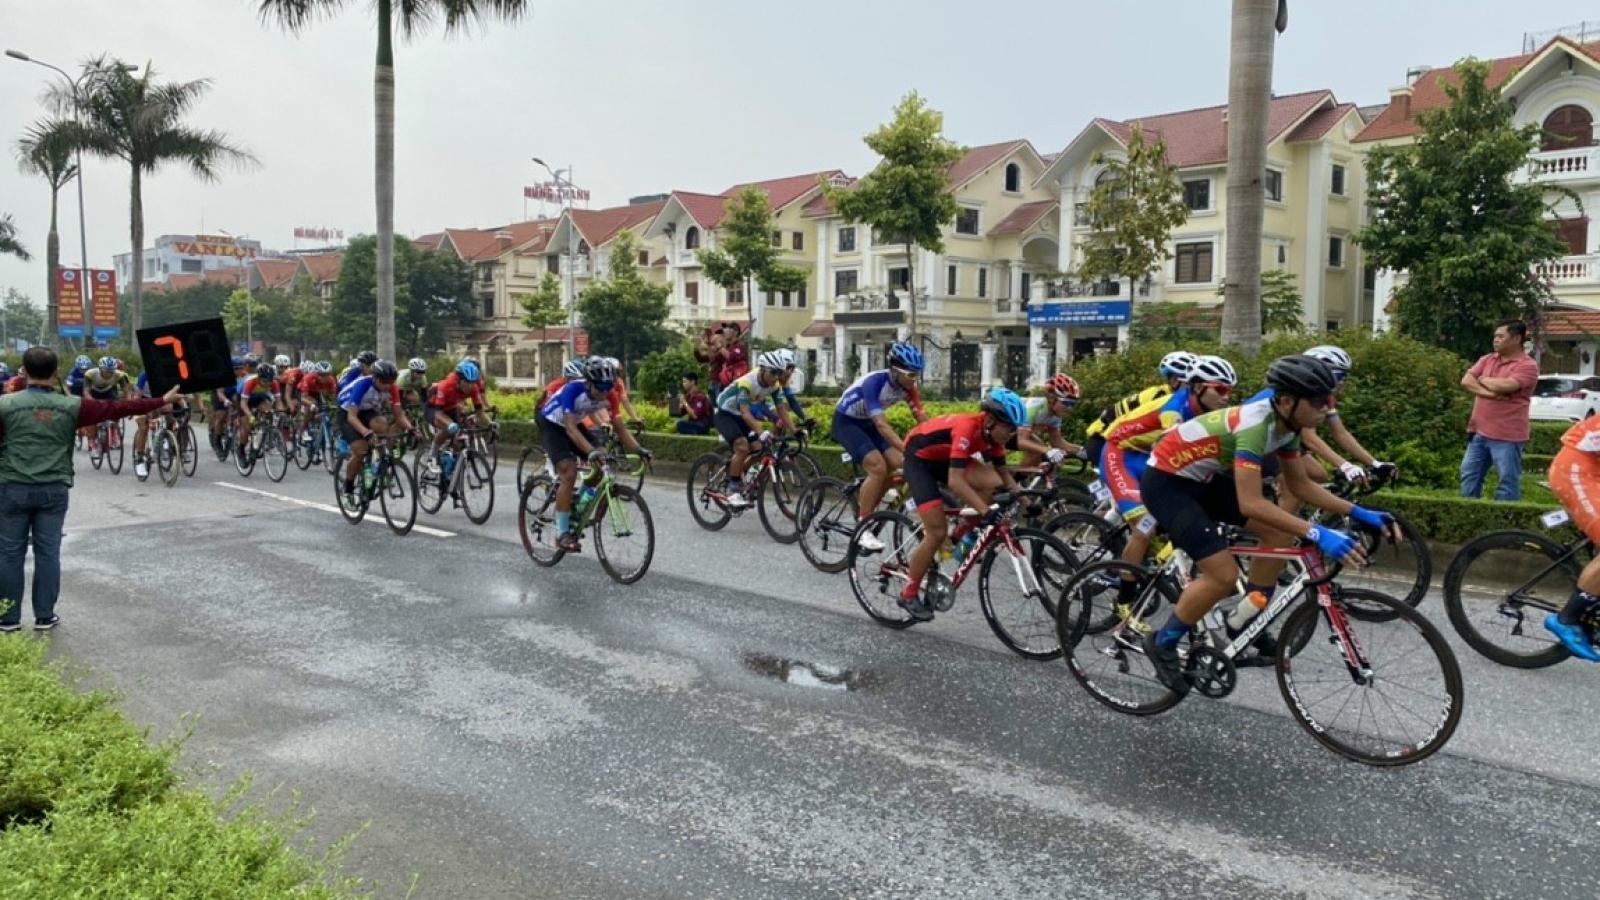 Lào Cai lần đầu đăng cai Giải Vô địch xe đạp đường trường và địa hình trẻ quốc gia